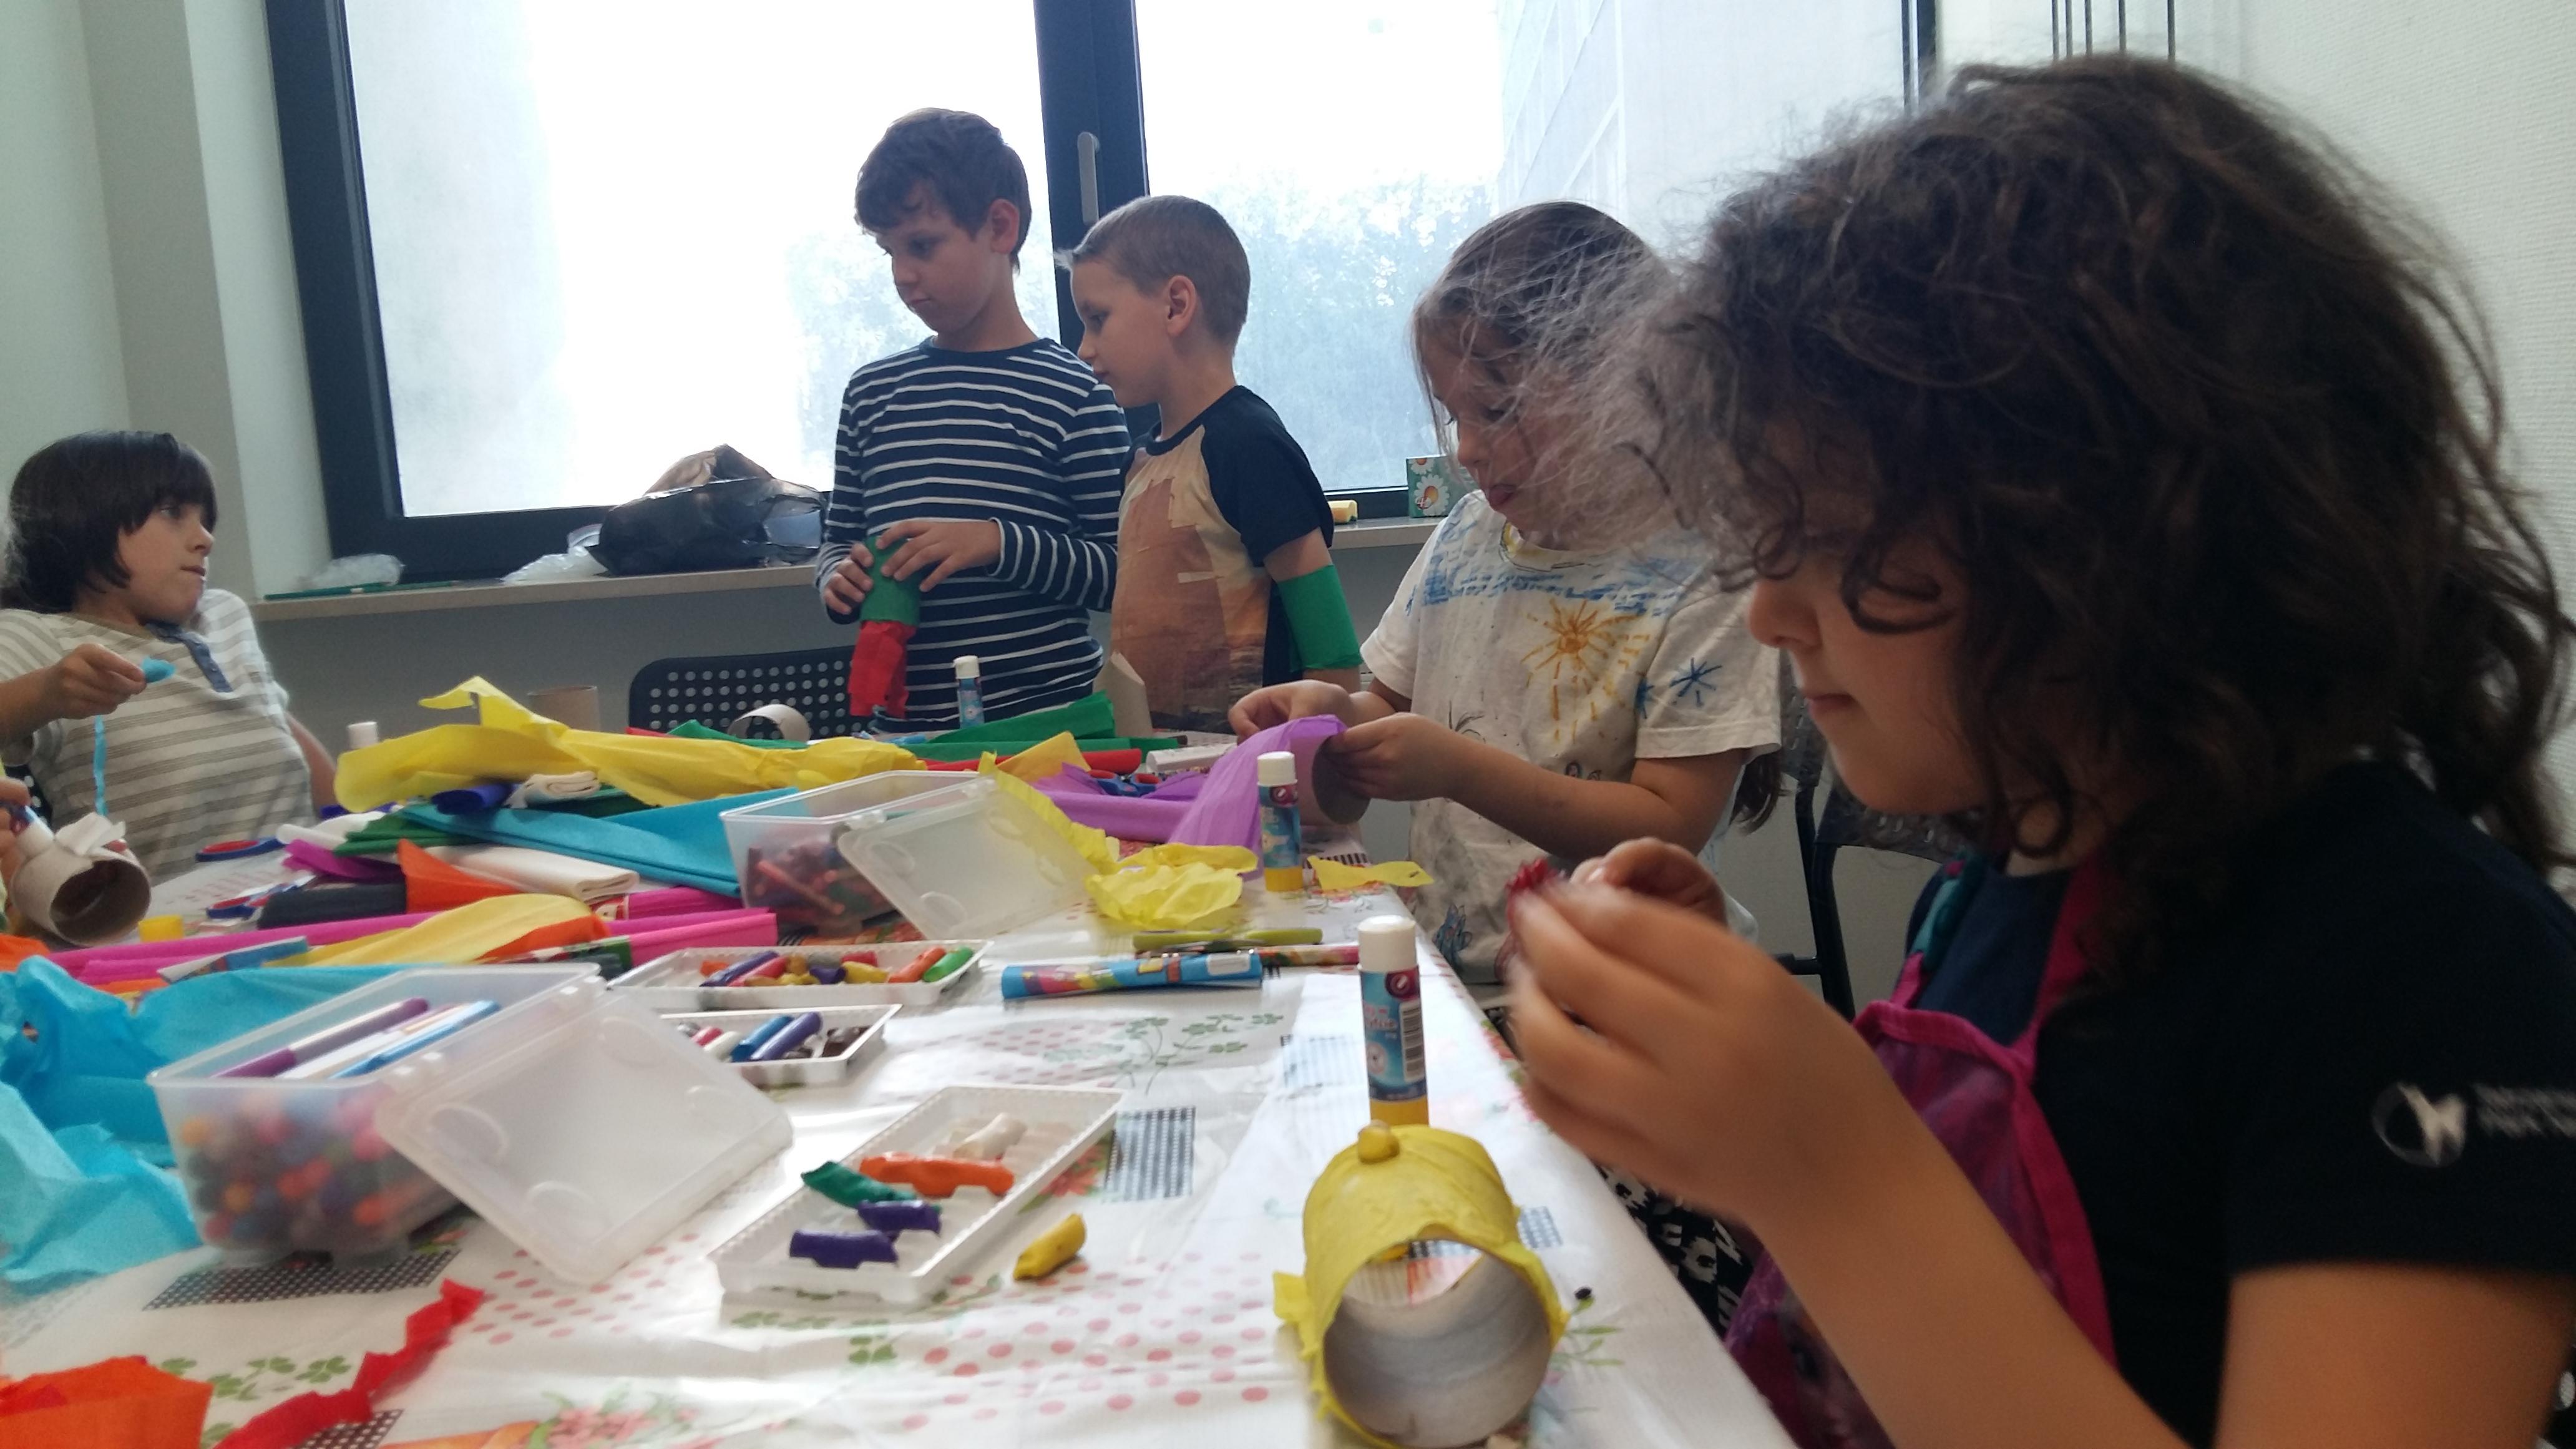 angielski warszawa archibald kids polkolonie jezykowe